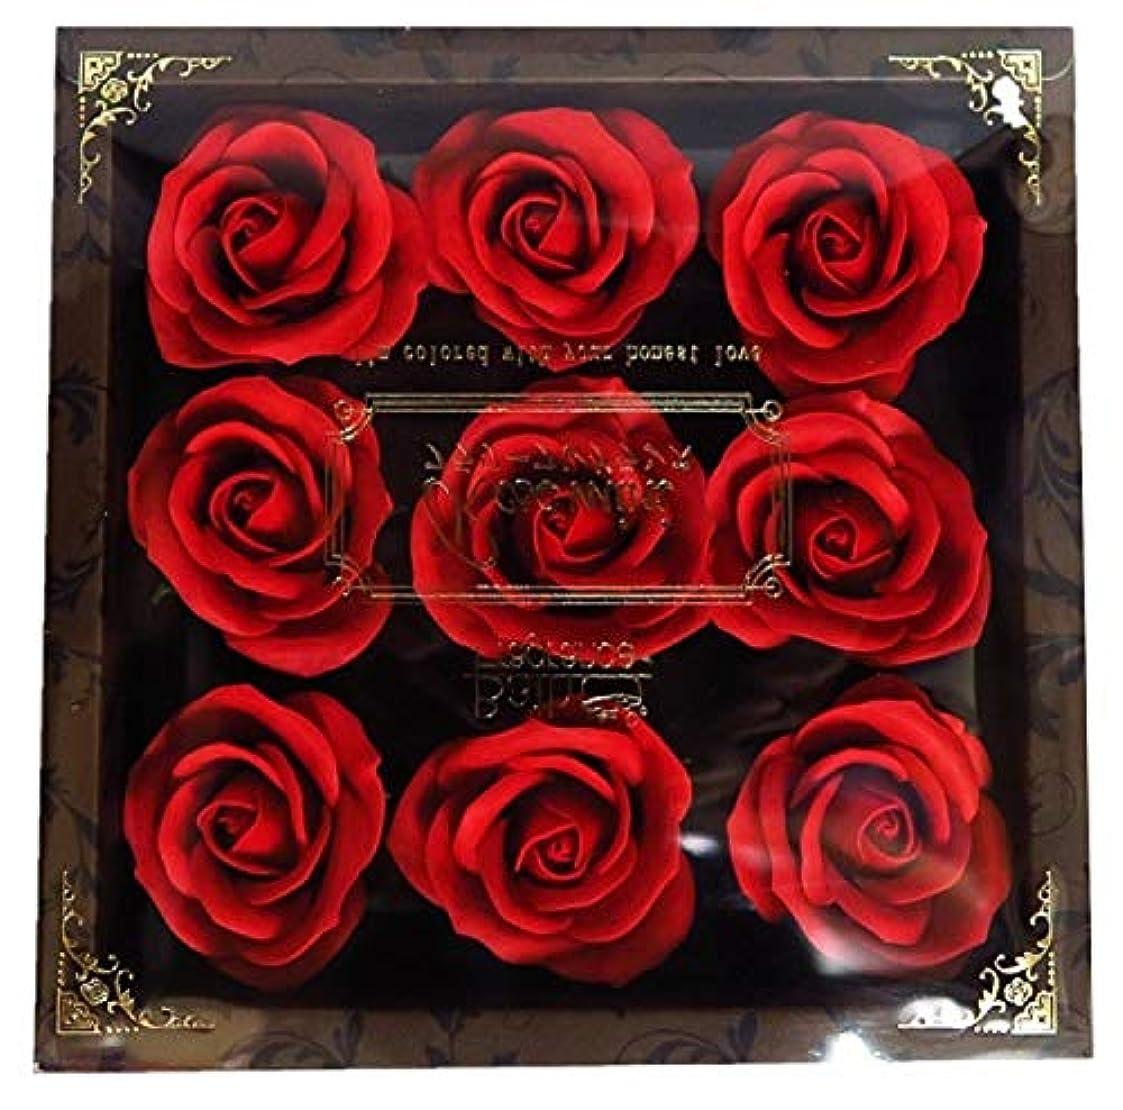 訪問草コンパニオンバスフレグランス フラワーフレグランス ミニローズフレグランス(L)レッド ギフト お花の形の入浴剤 プレゼント ばら